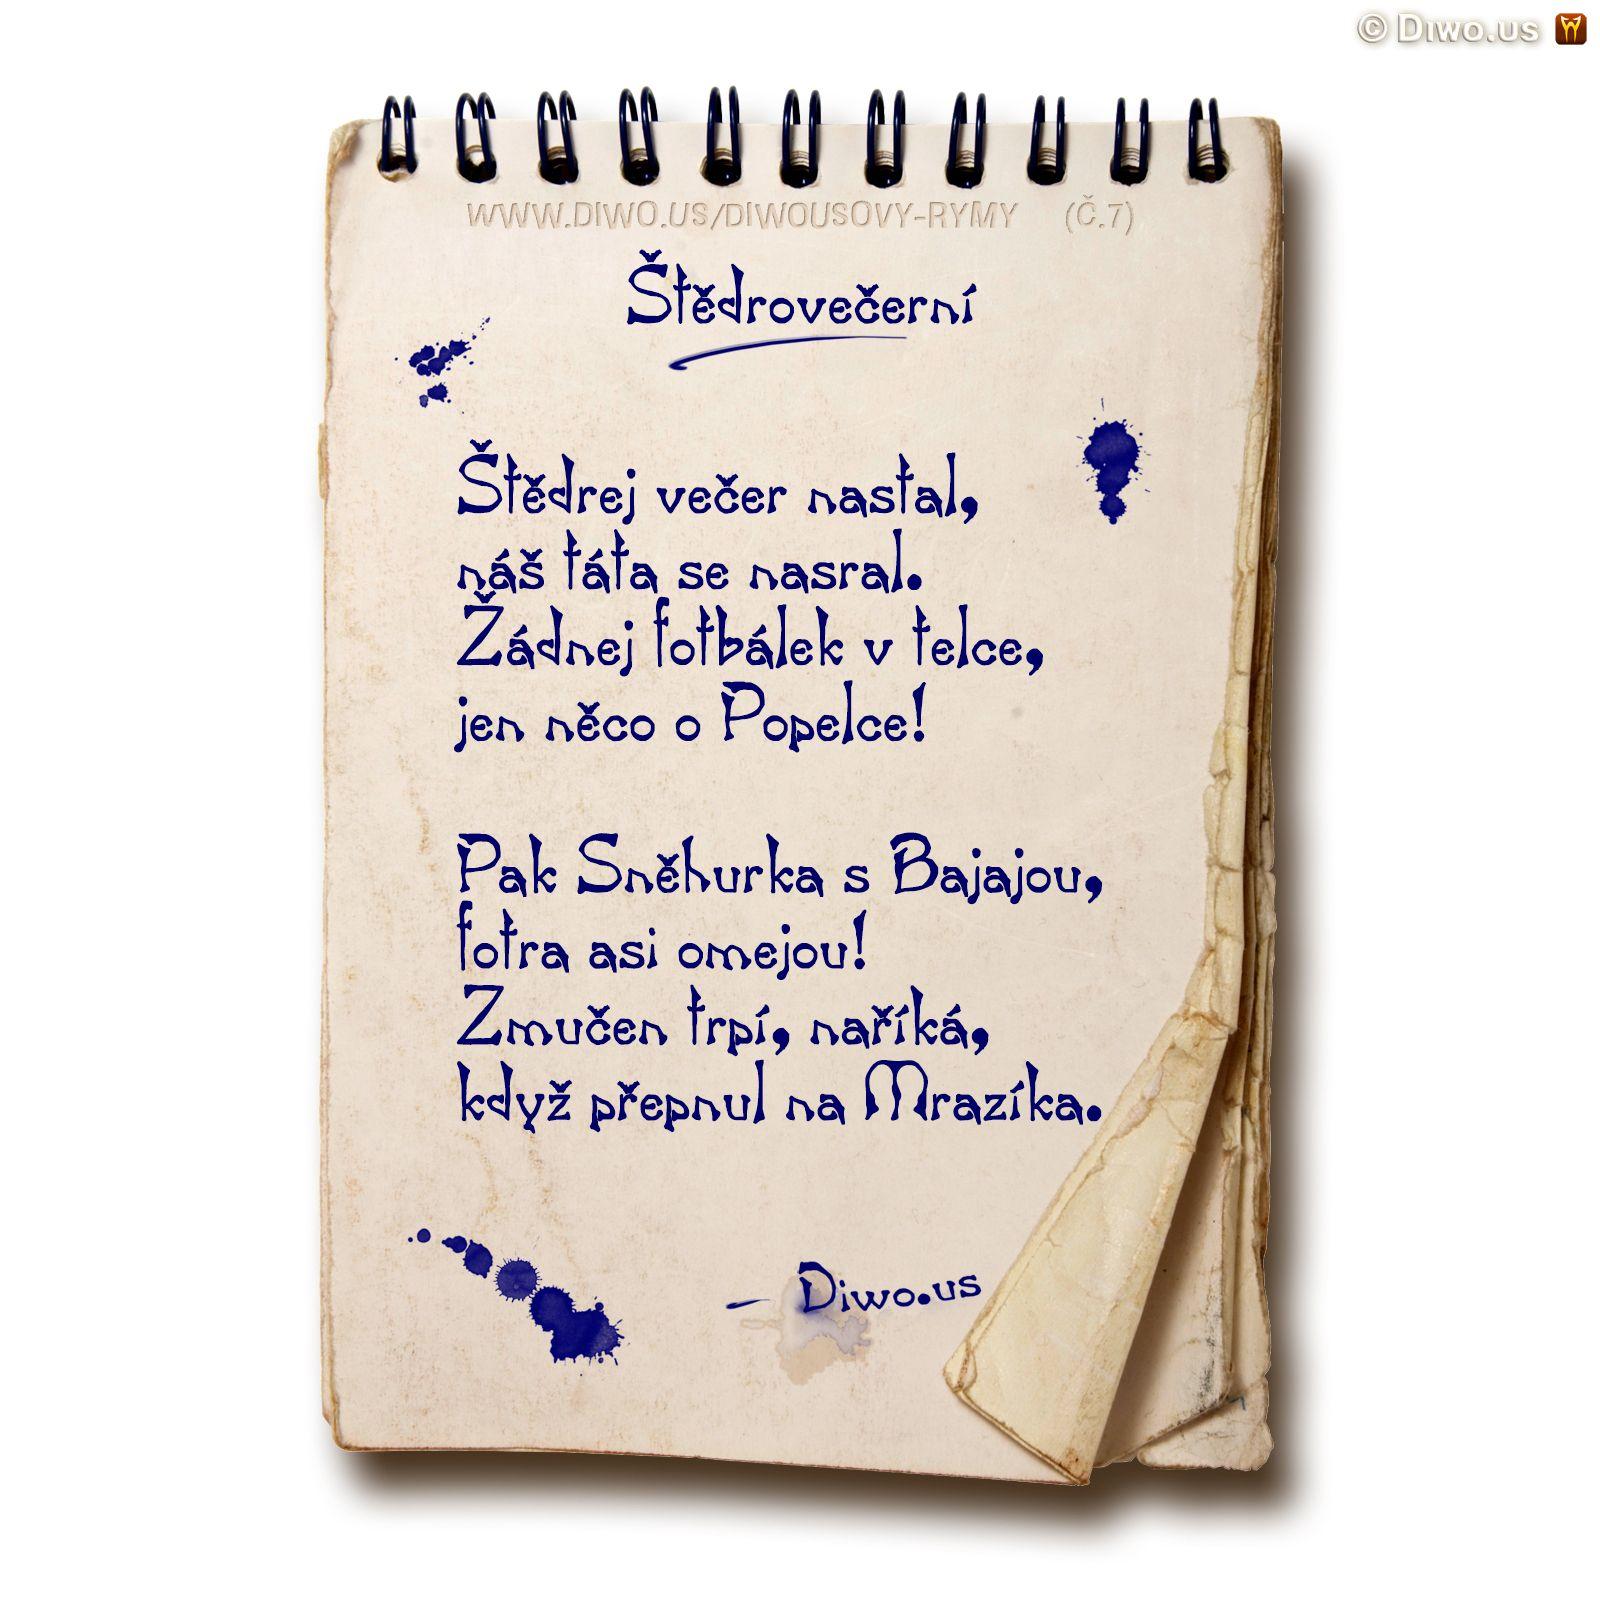 Diwous, Diwousovy Rýmy, č.7, Štědrovečerní, básně, humorné básničky, legrace, parodie, říkanky, rýmovačky, satira, sranda, verše, veršovánky, žertovné, Štědrej večer nastal, štědrý den, večer, táta, otec, televize, telka, fotbal, fotbálek, Popelka, Sněhurka a sedm trpaslíků, princ Bajaja, fotr, mučení, trpič, Mrazík, vánoční pohádky